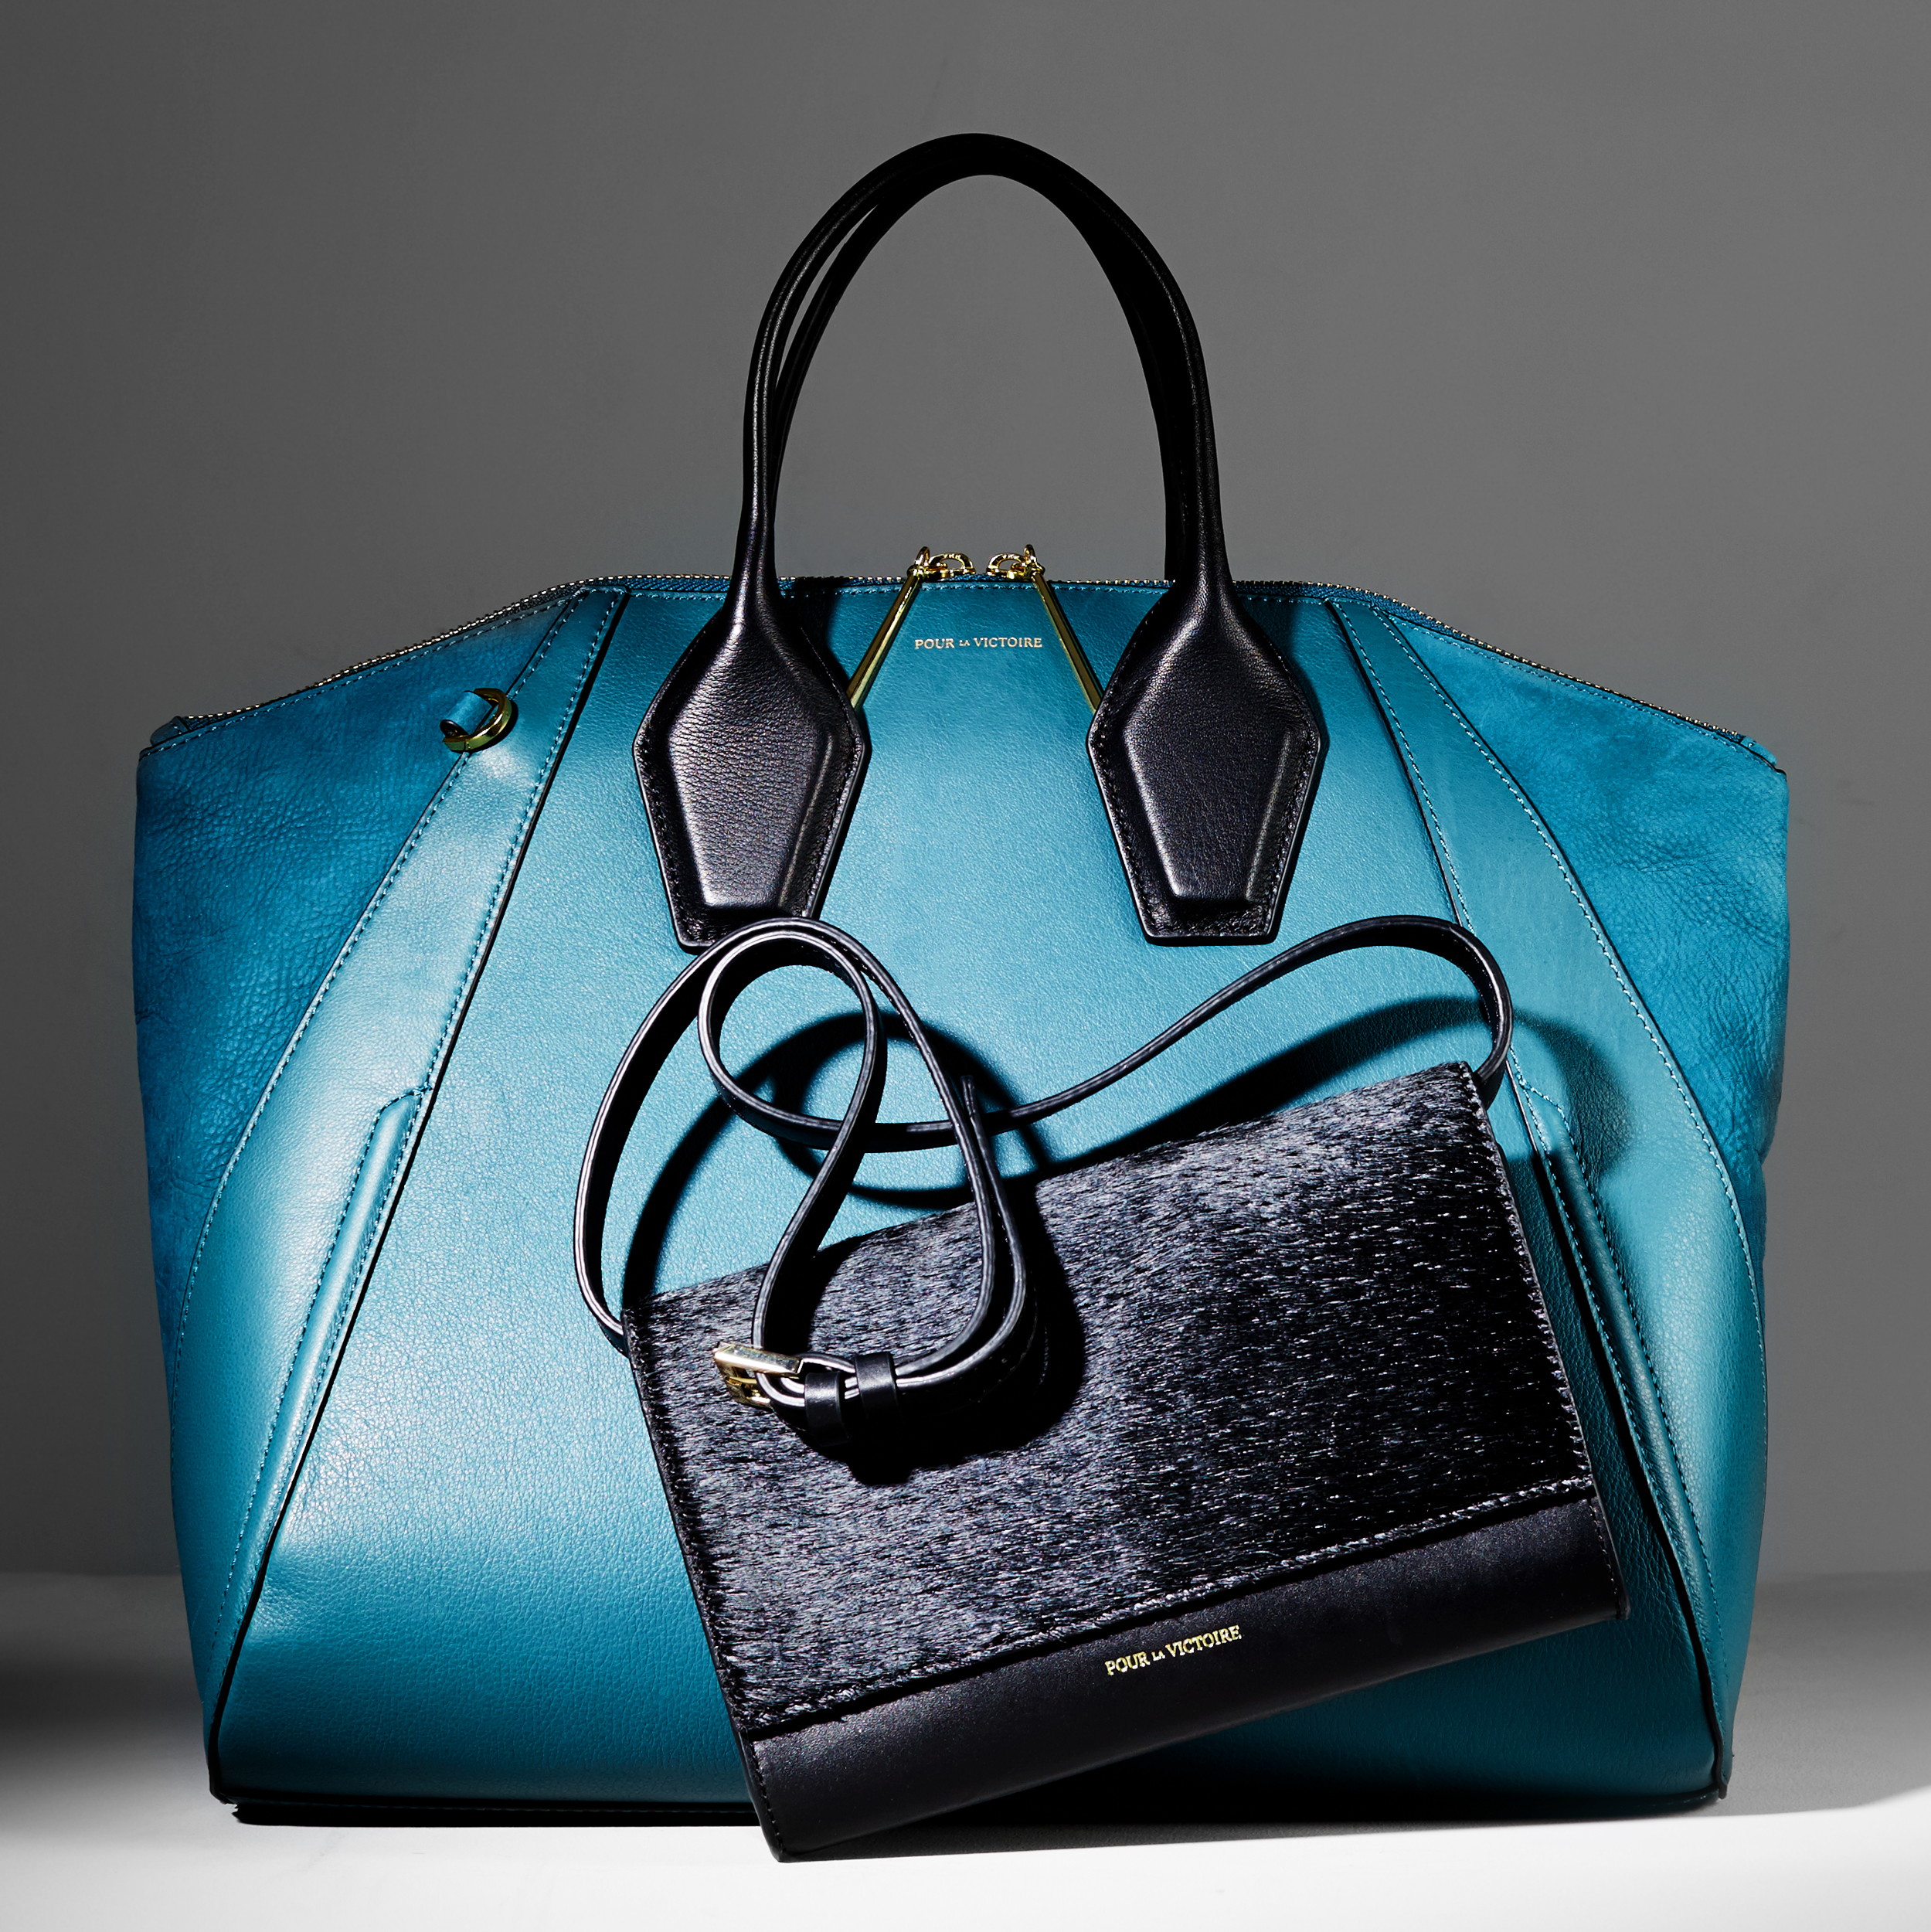 The_Essential_Handbag_feat_Pour_La_Victoire_WACC_1094753124_EDITORIAL_199.jpg